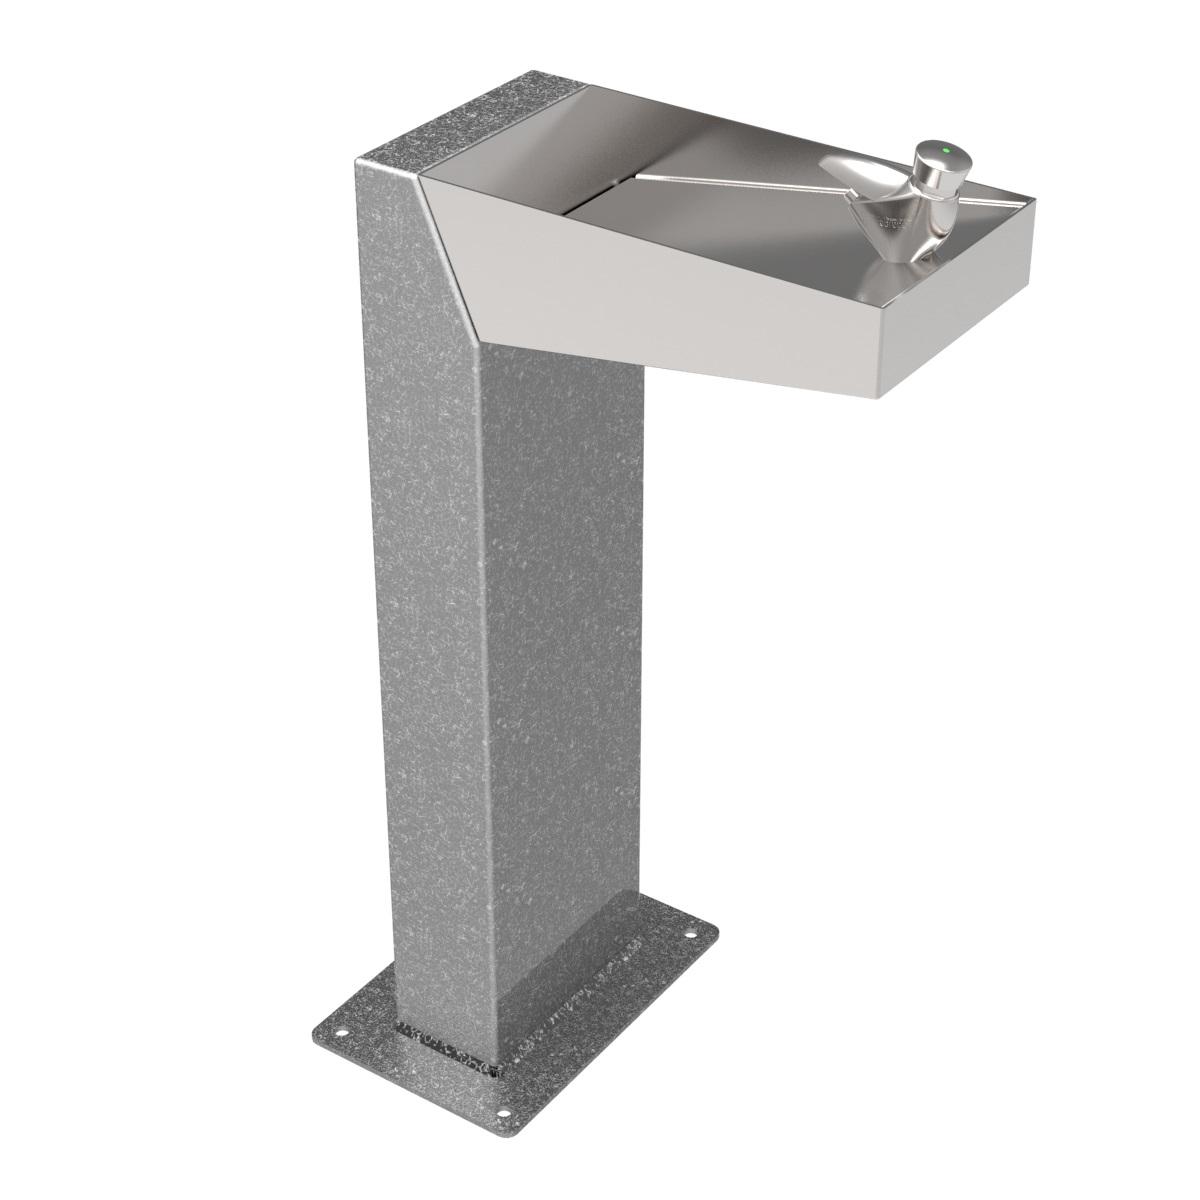 Fontaine conçue pour les personnes à mobilité réduite Minus V-102M